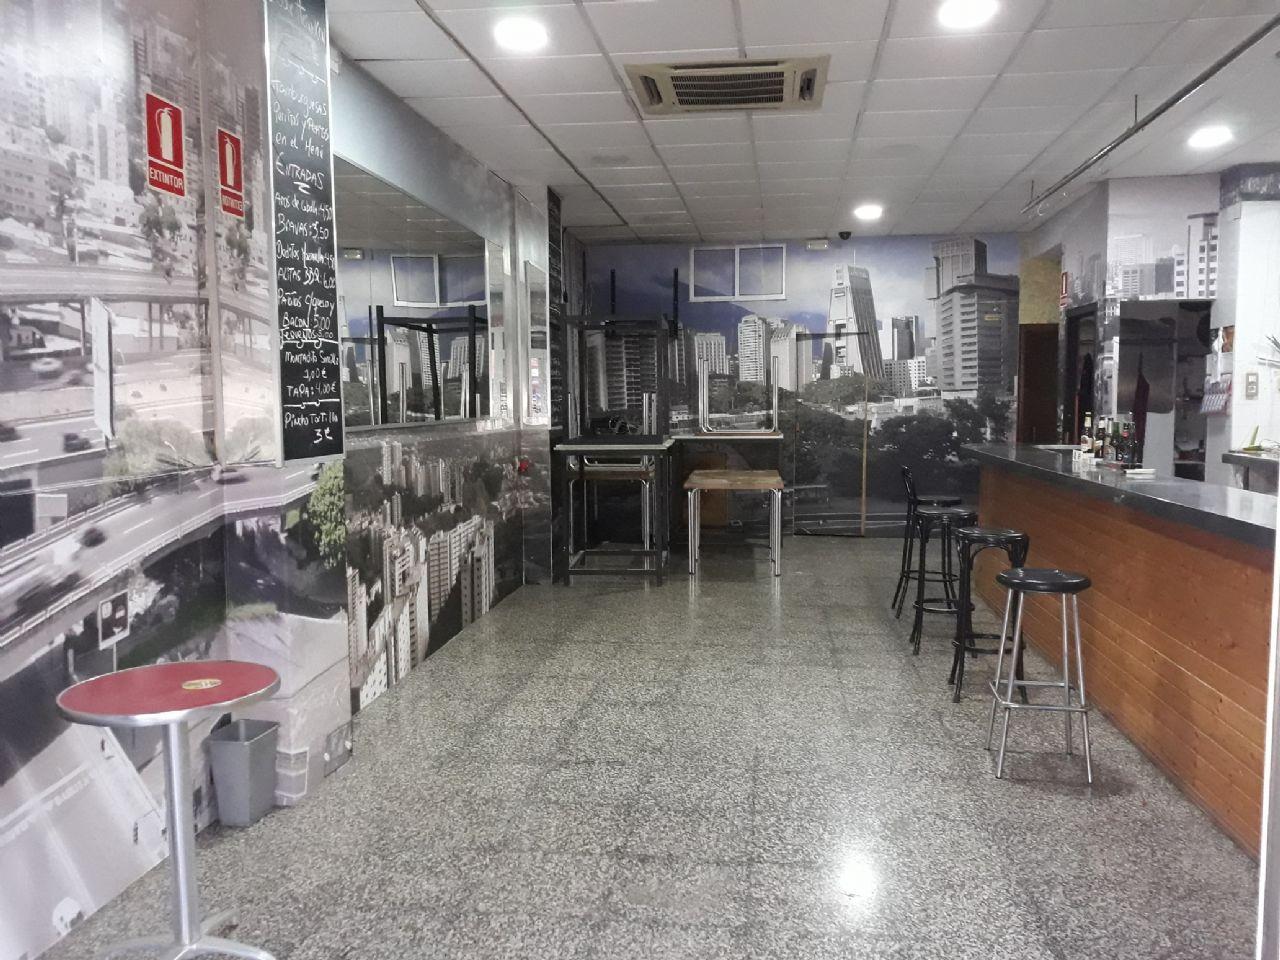 Local comercial en Valencia, Torrefiel, alquiler